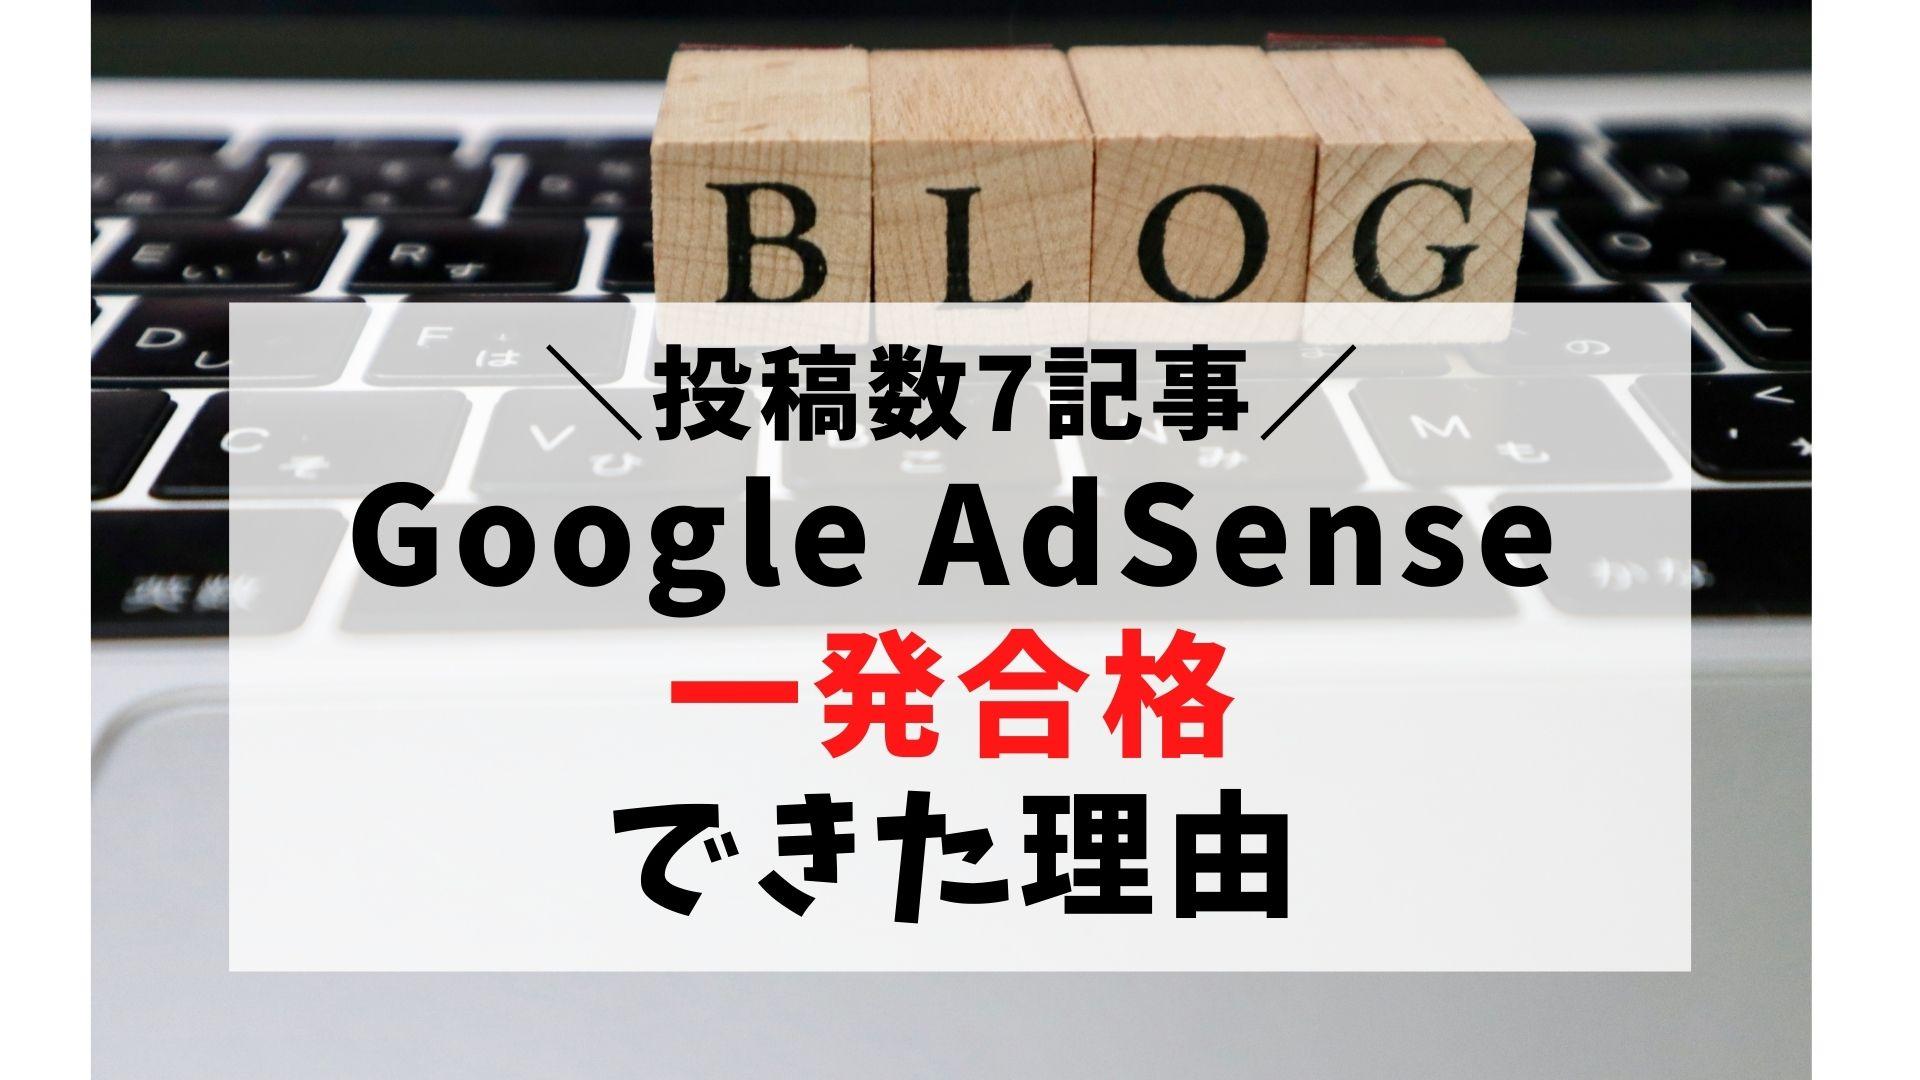 投稿数7記事でGoogleアドセンスに一発合格できた理由